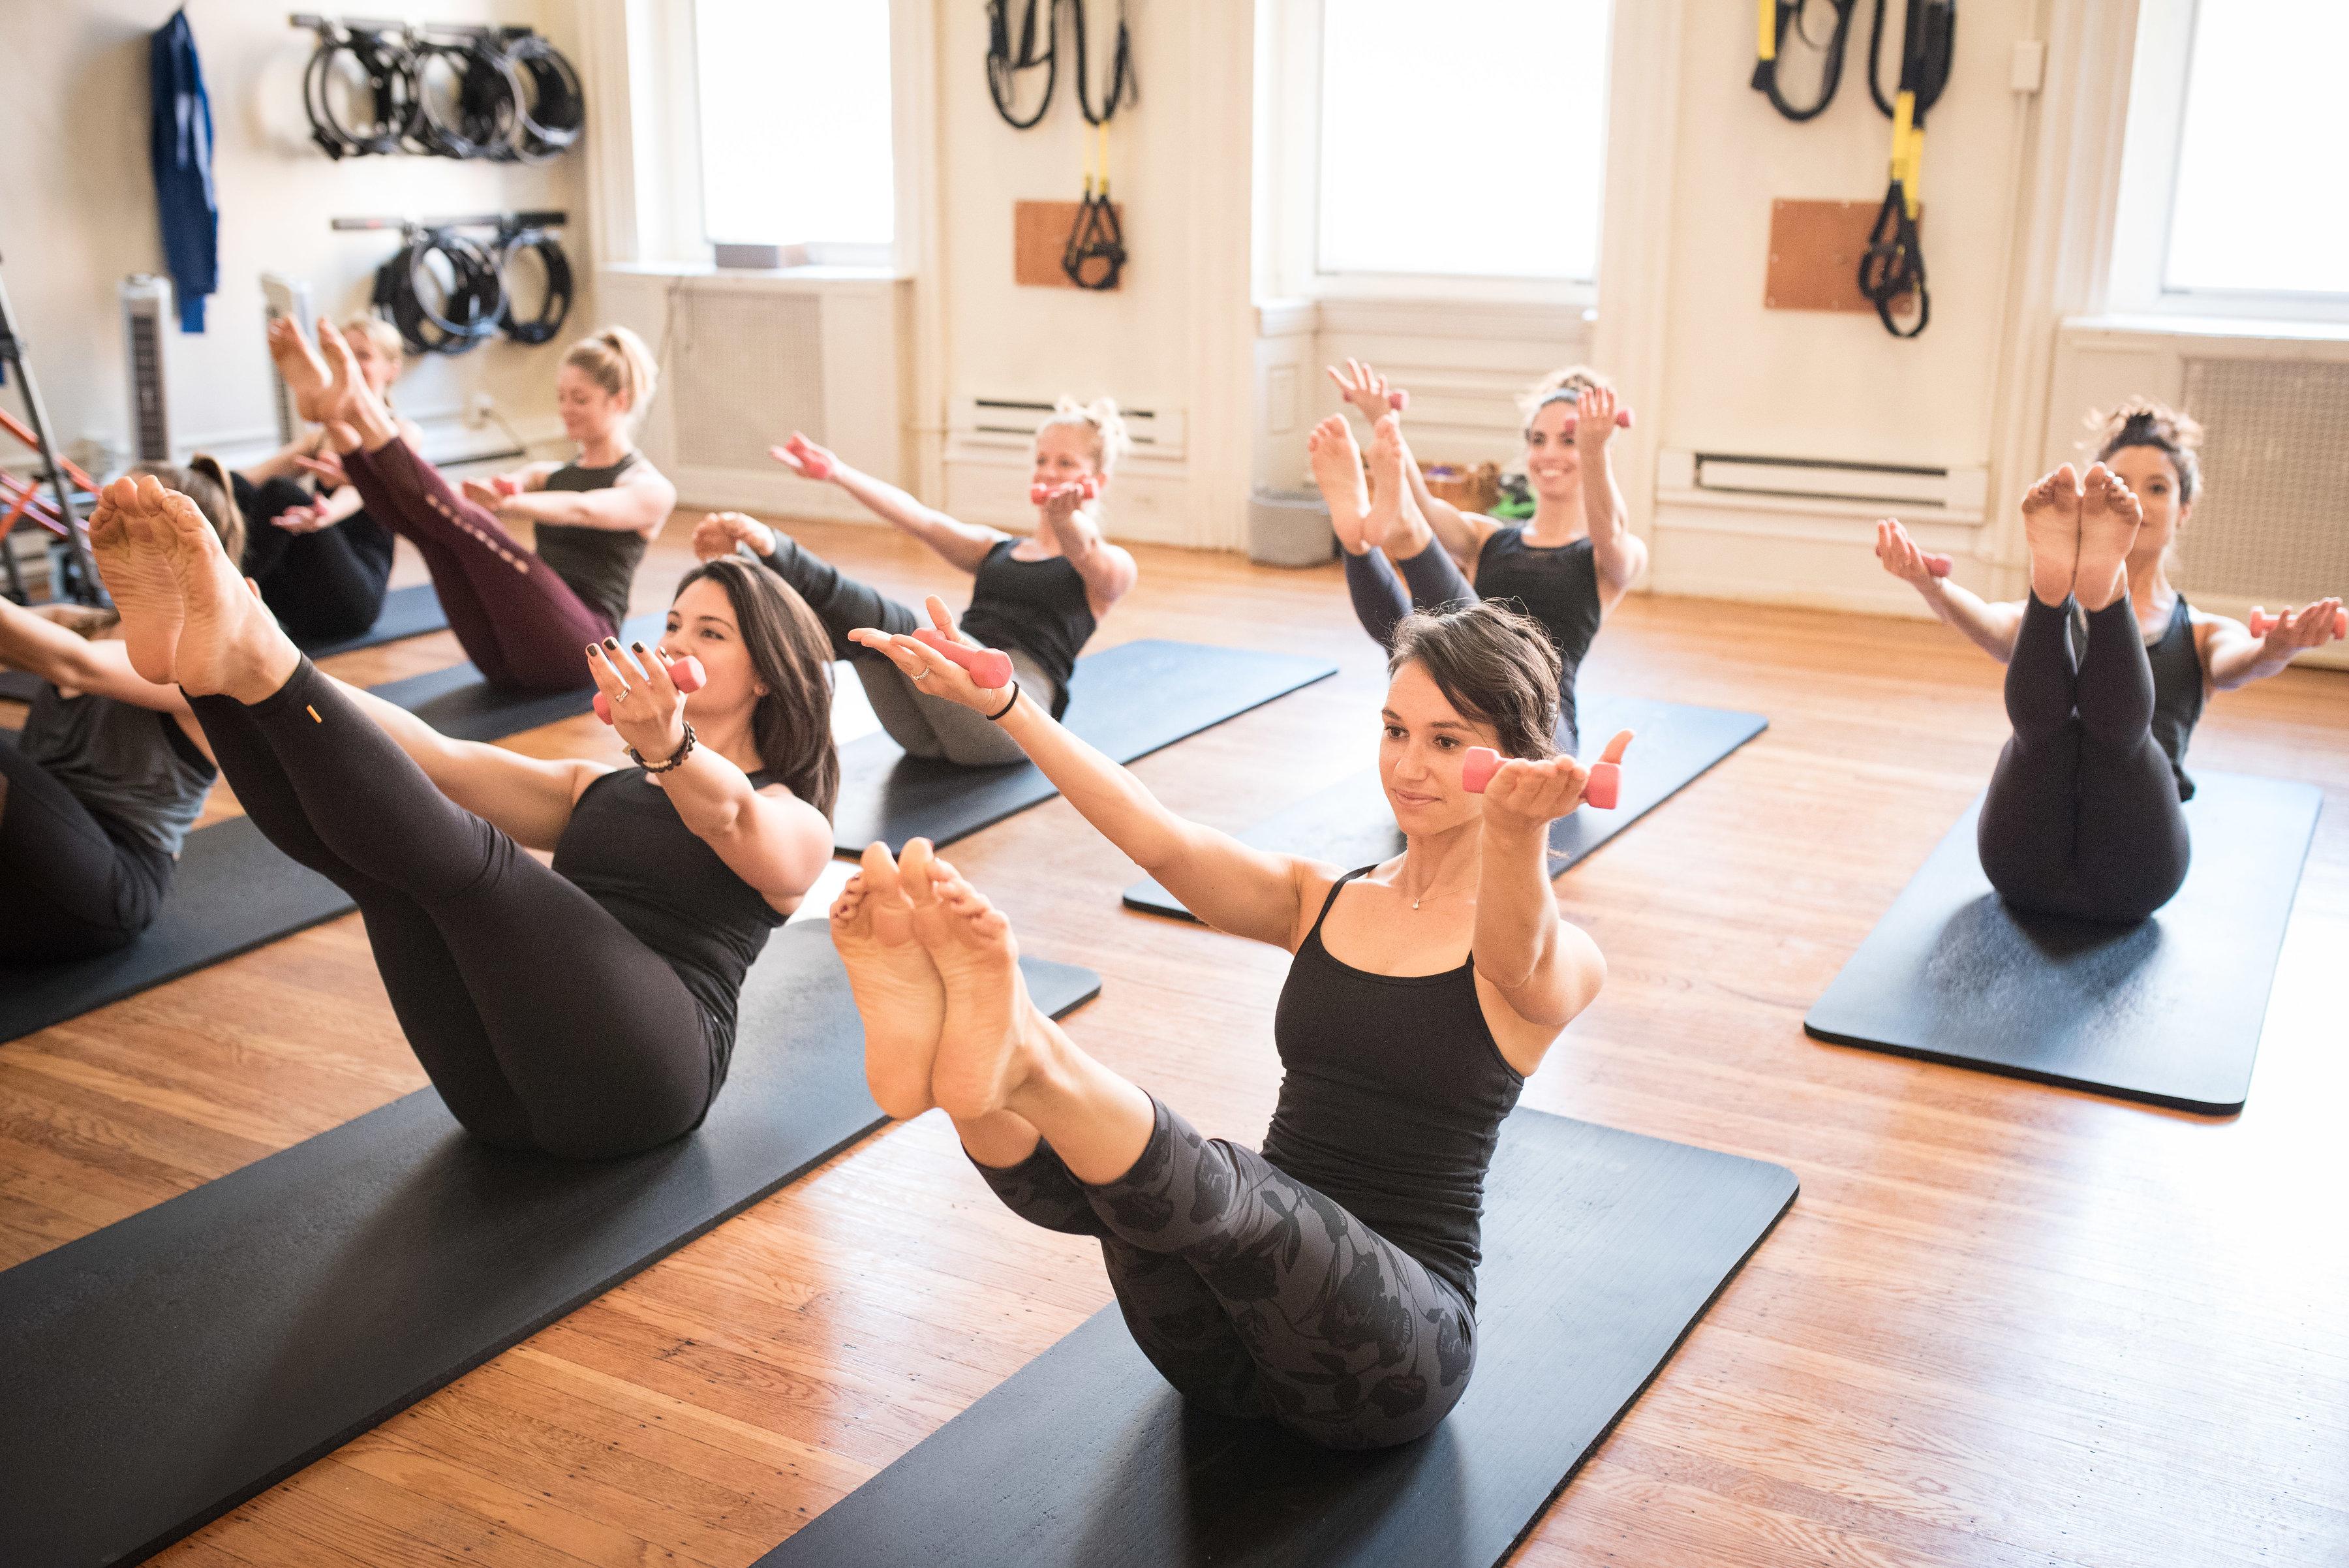 Стретчинг это что такое, stretch-тренировка, stretching растяжка в фитнесе